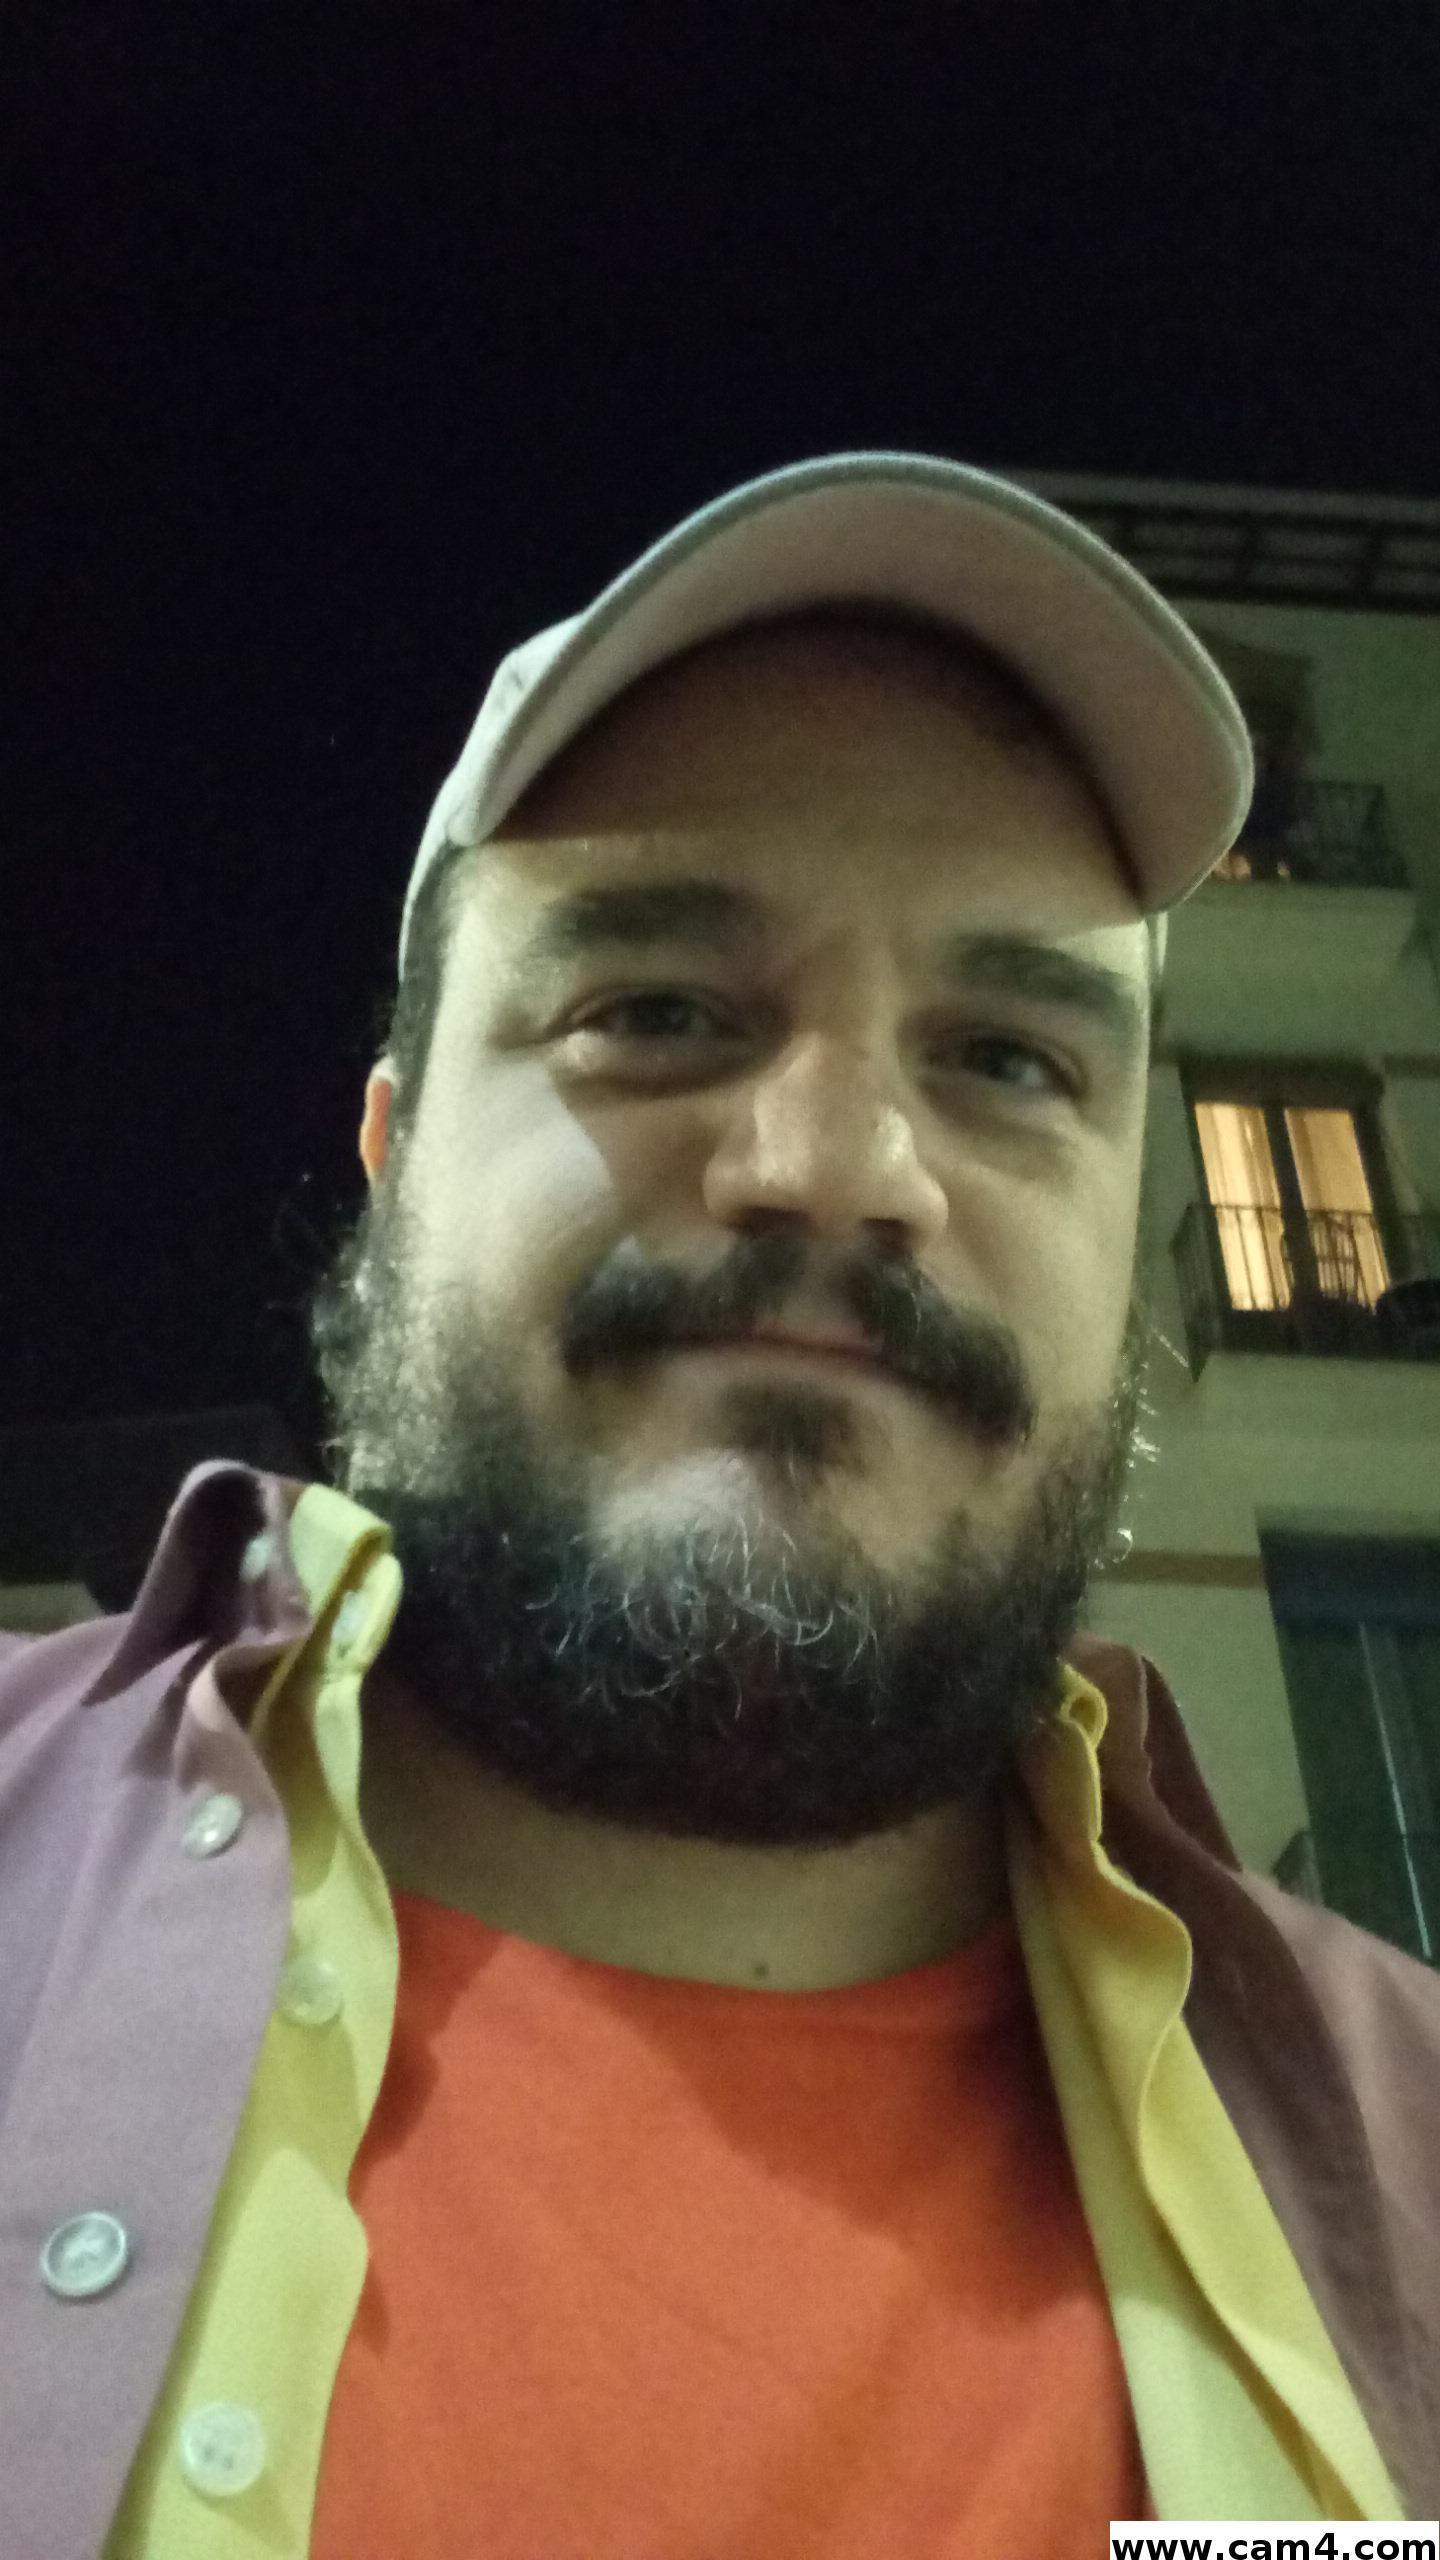 radioboy live cam on Cam4.com